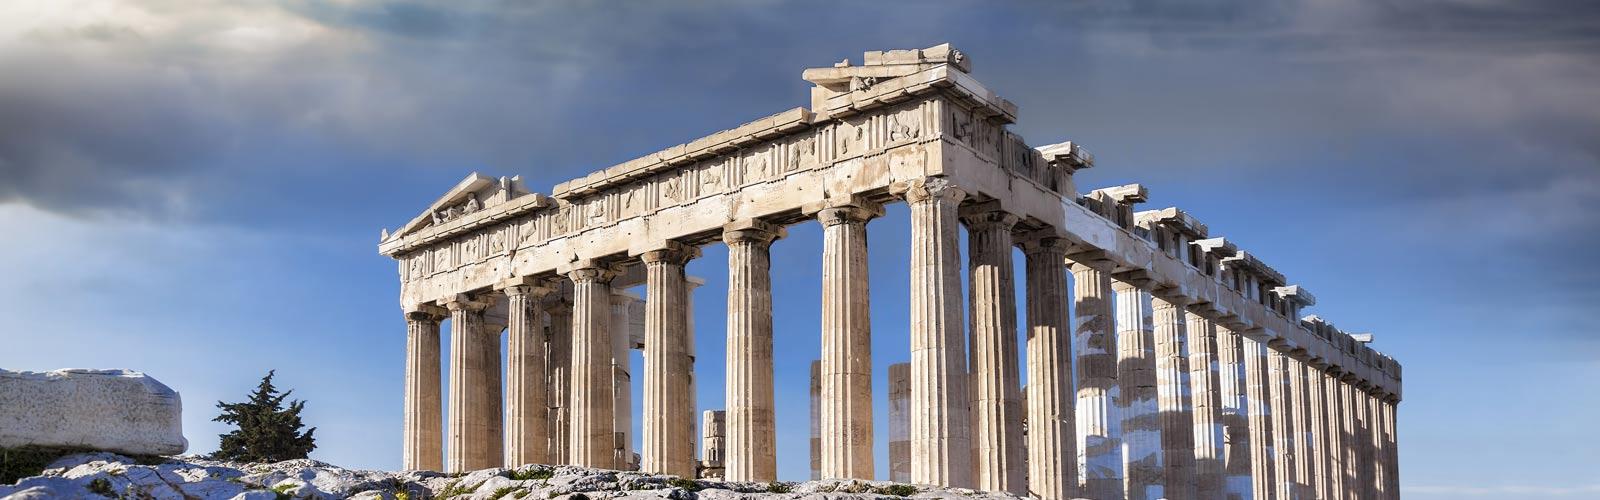 Viaje a Grecia. 16 Oct. 2016